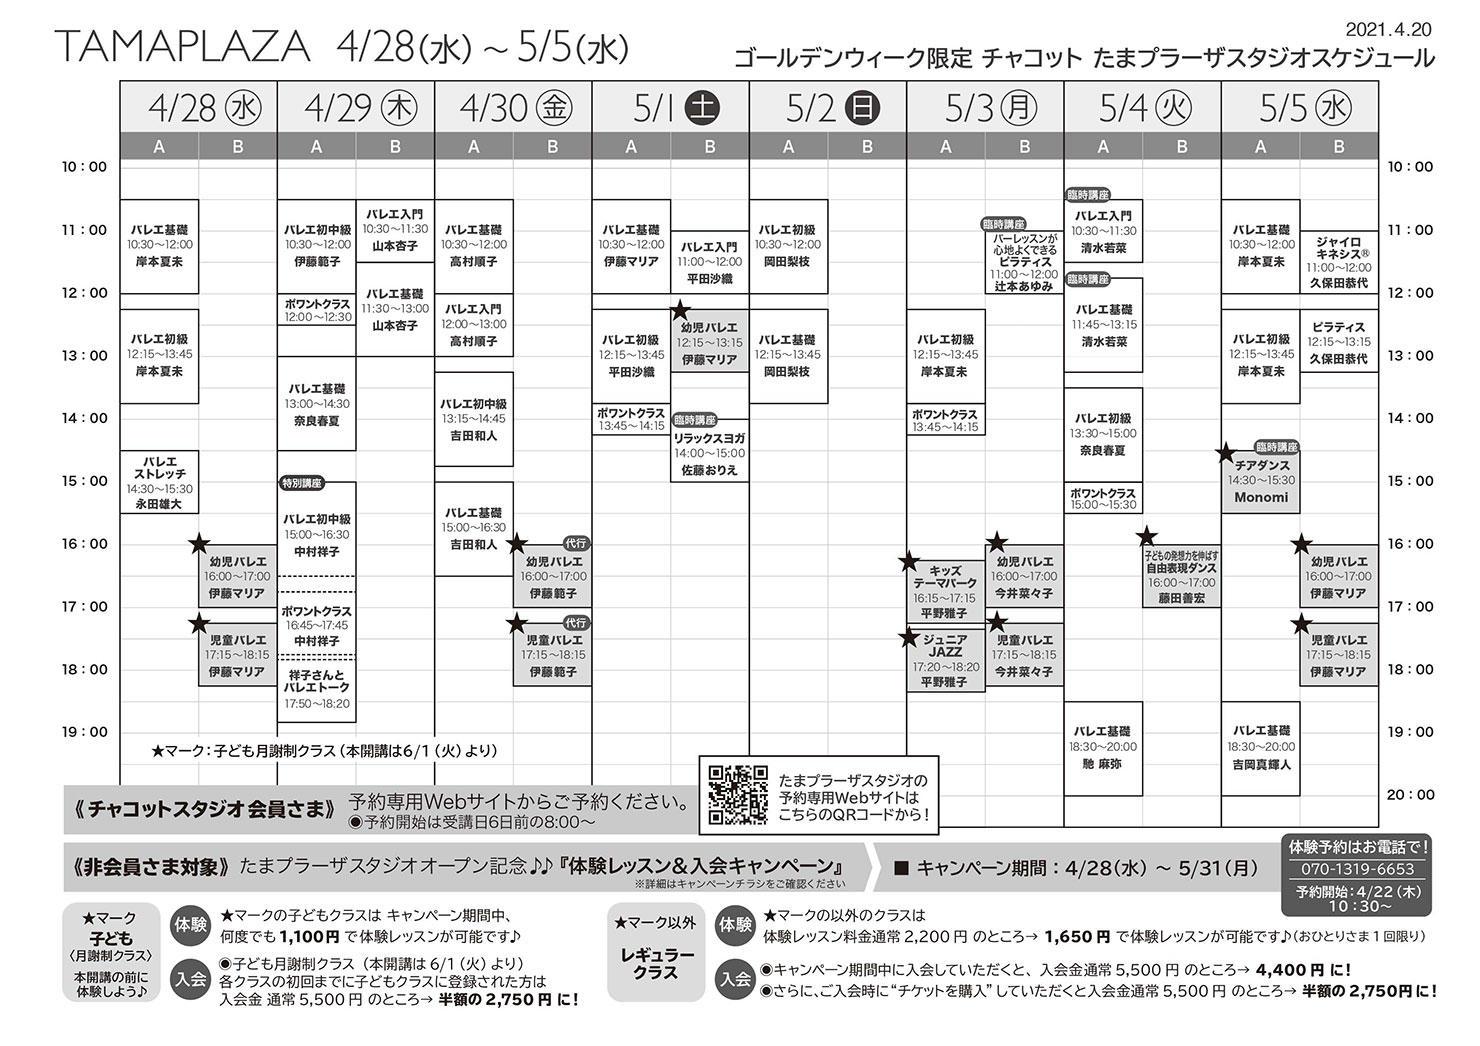 tamapla_timetable_gw_01.jpg